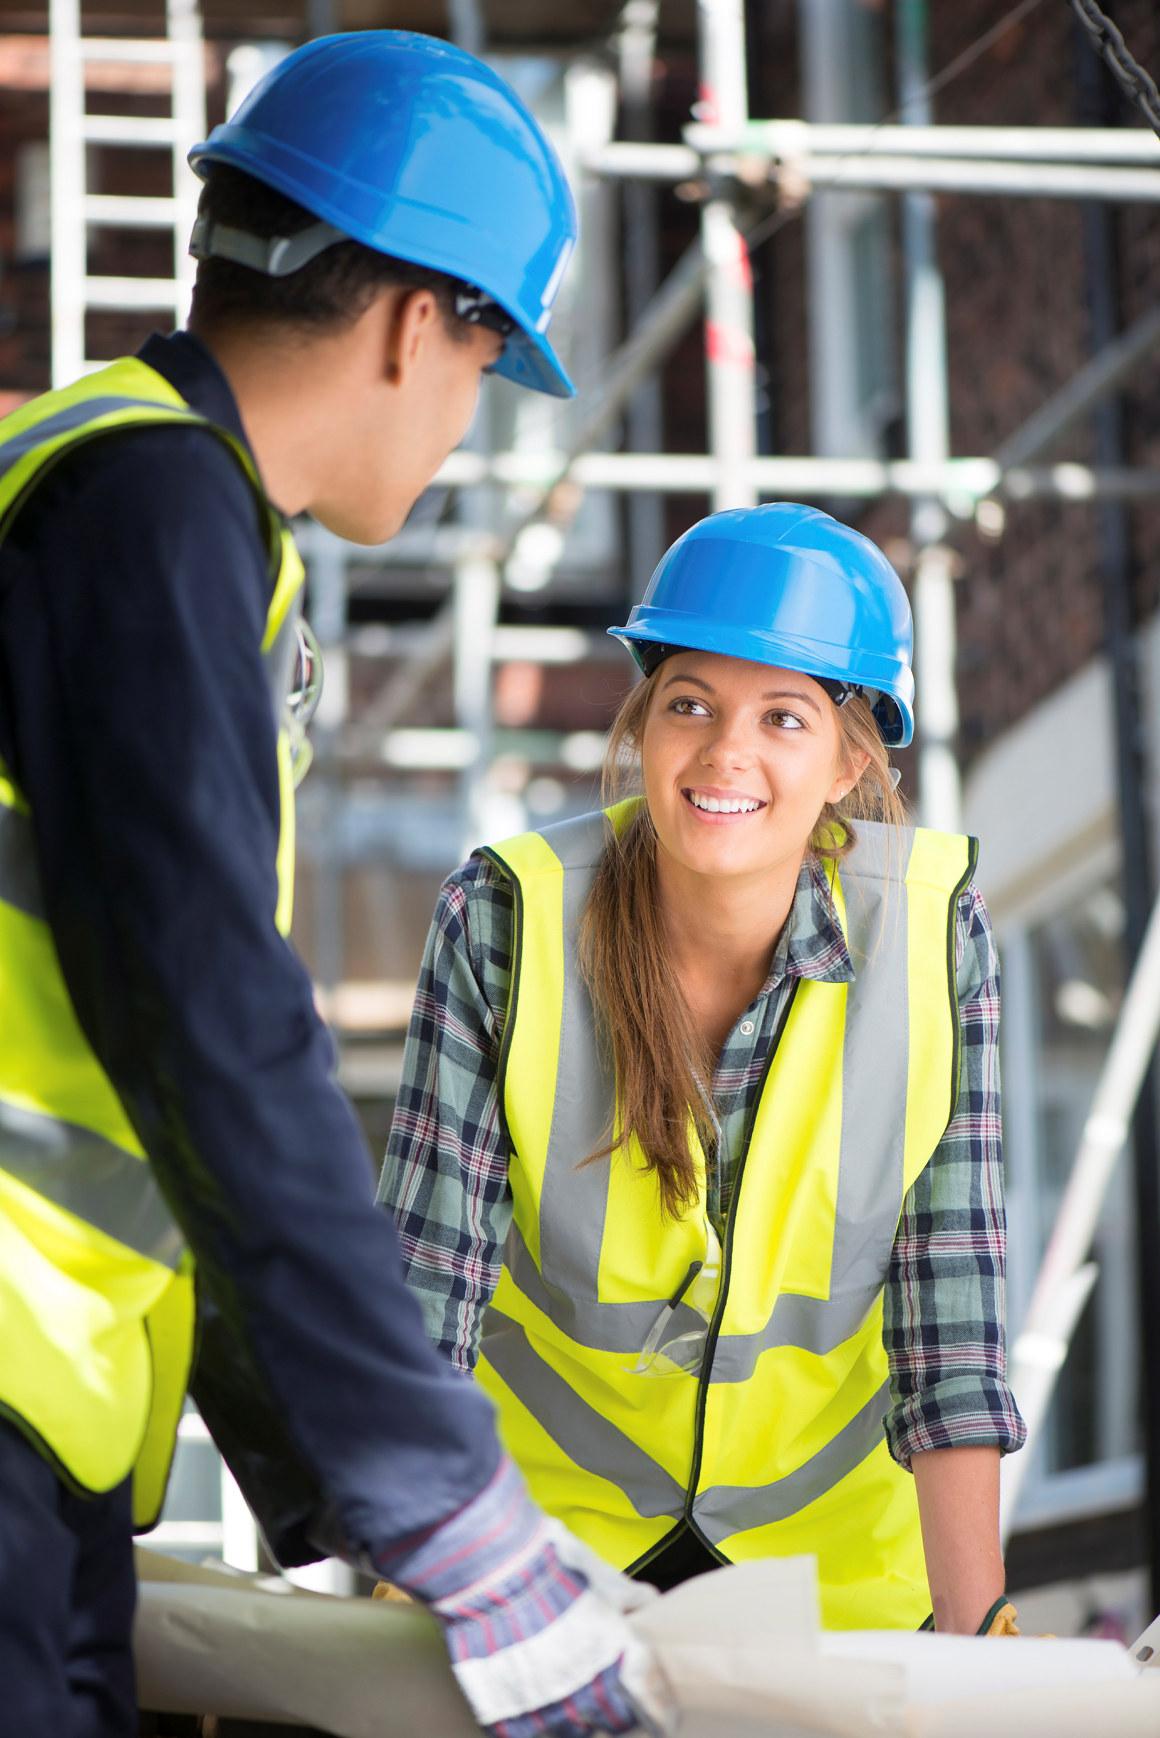 Mann og kvinne i verneutstyr på byggeplass. Foto.